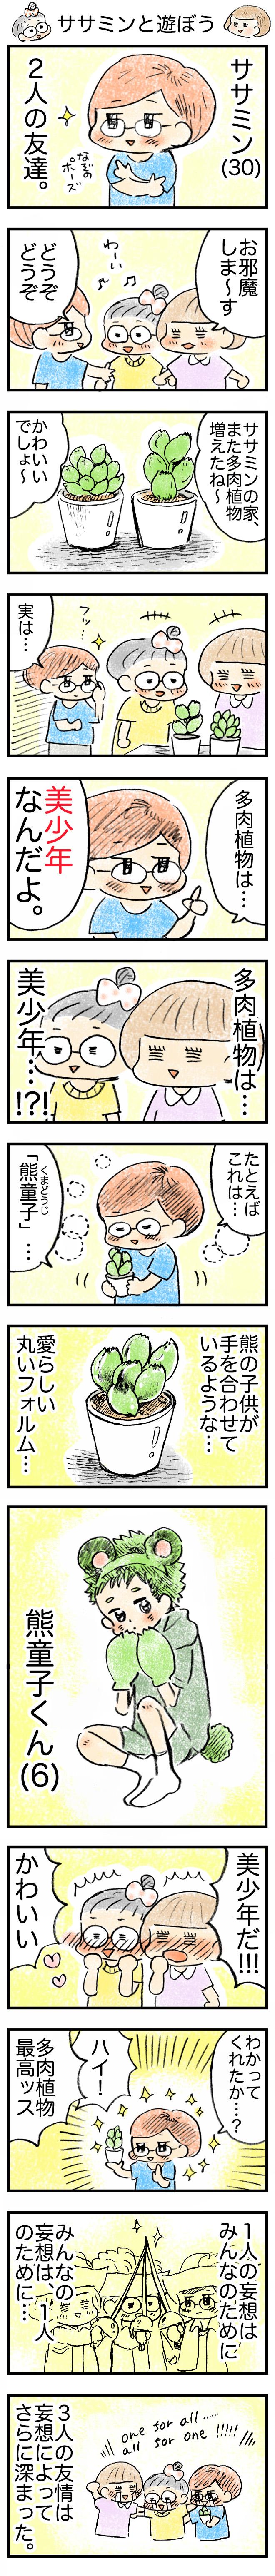 【漫画】ササミンと遊ぼう『もちことのんこ』第6回 作:おづまりこ